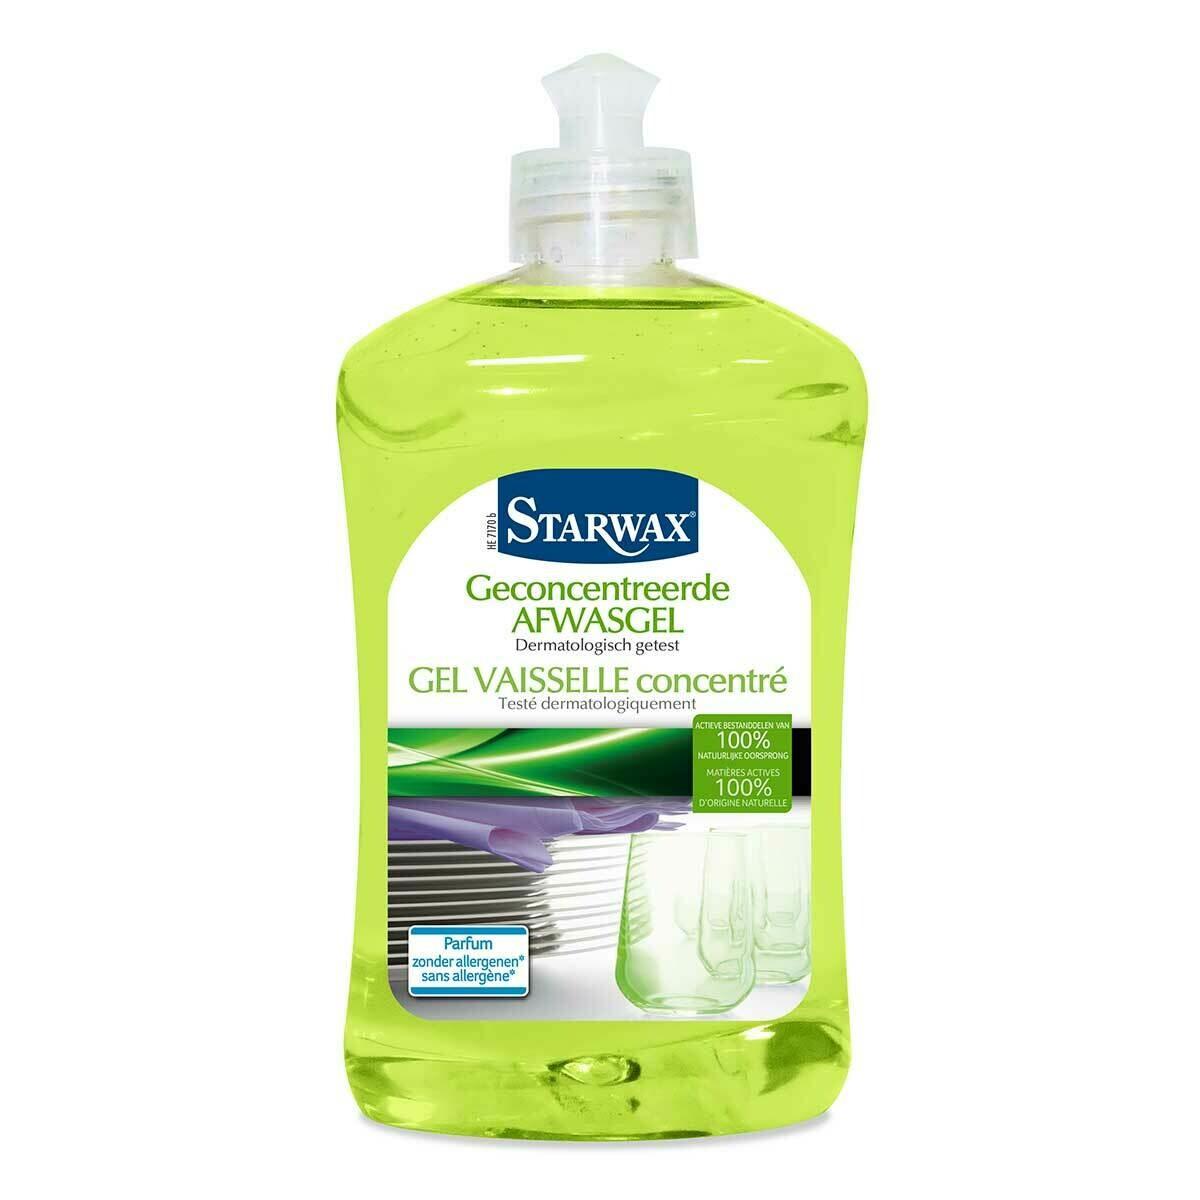 Starwax Geconcentreerde afwasgel actieve bestanddelen van 100% natuurlijke oorsprong 500 ml